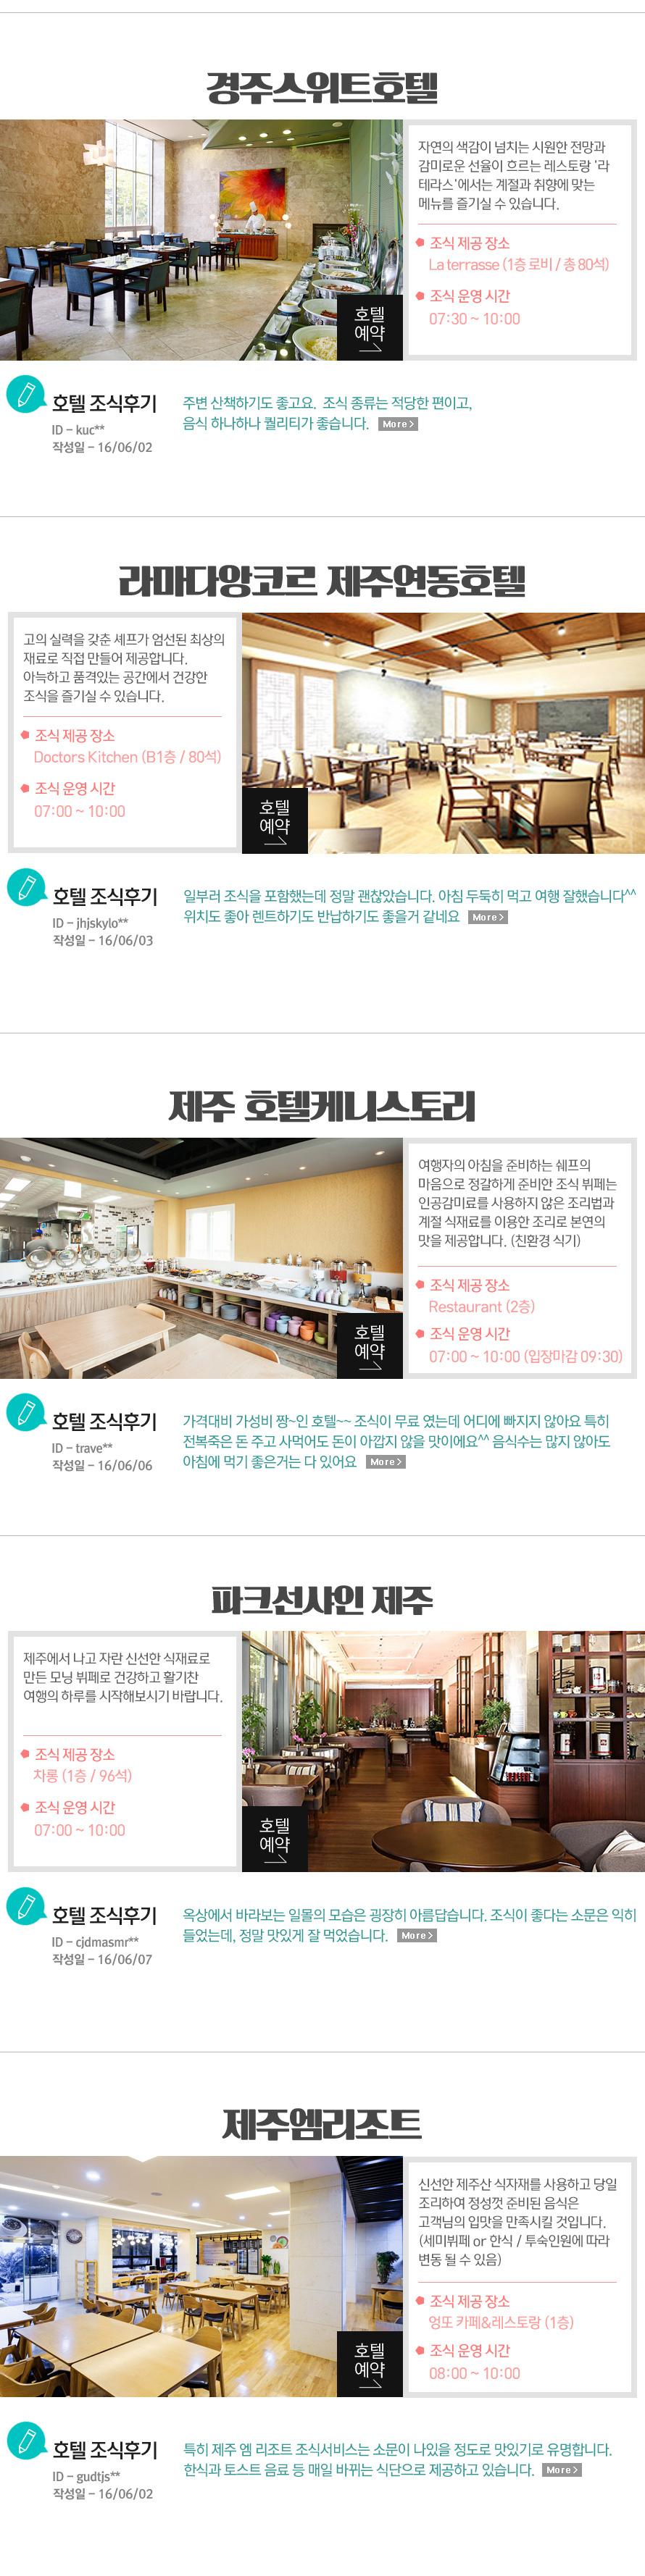 고객추천시리즈1 조식 맛있는 호텔 : 인터파크투어 이벤트혜택존 Park